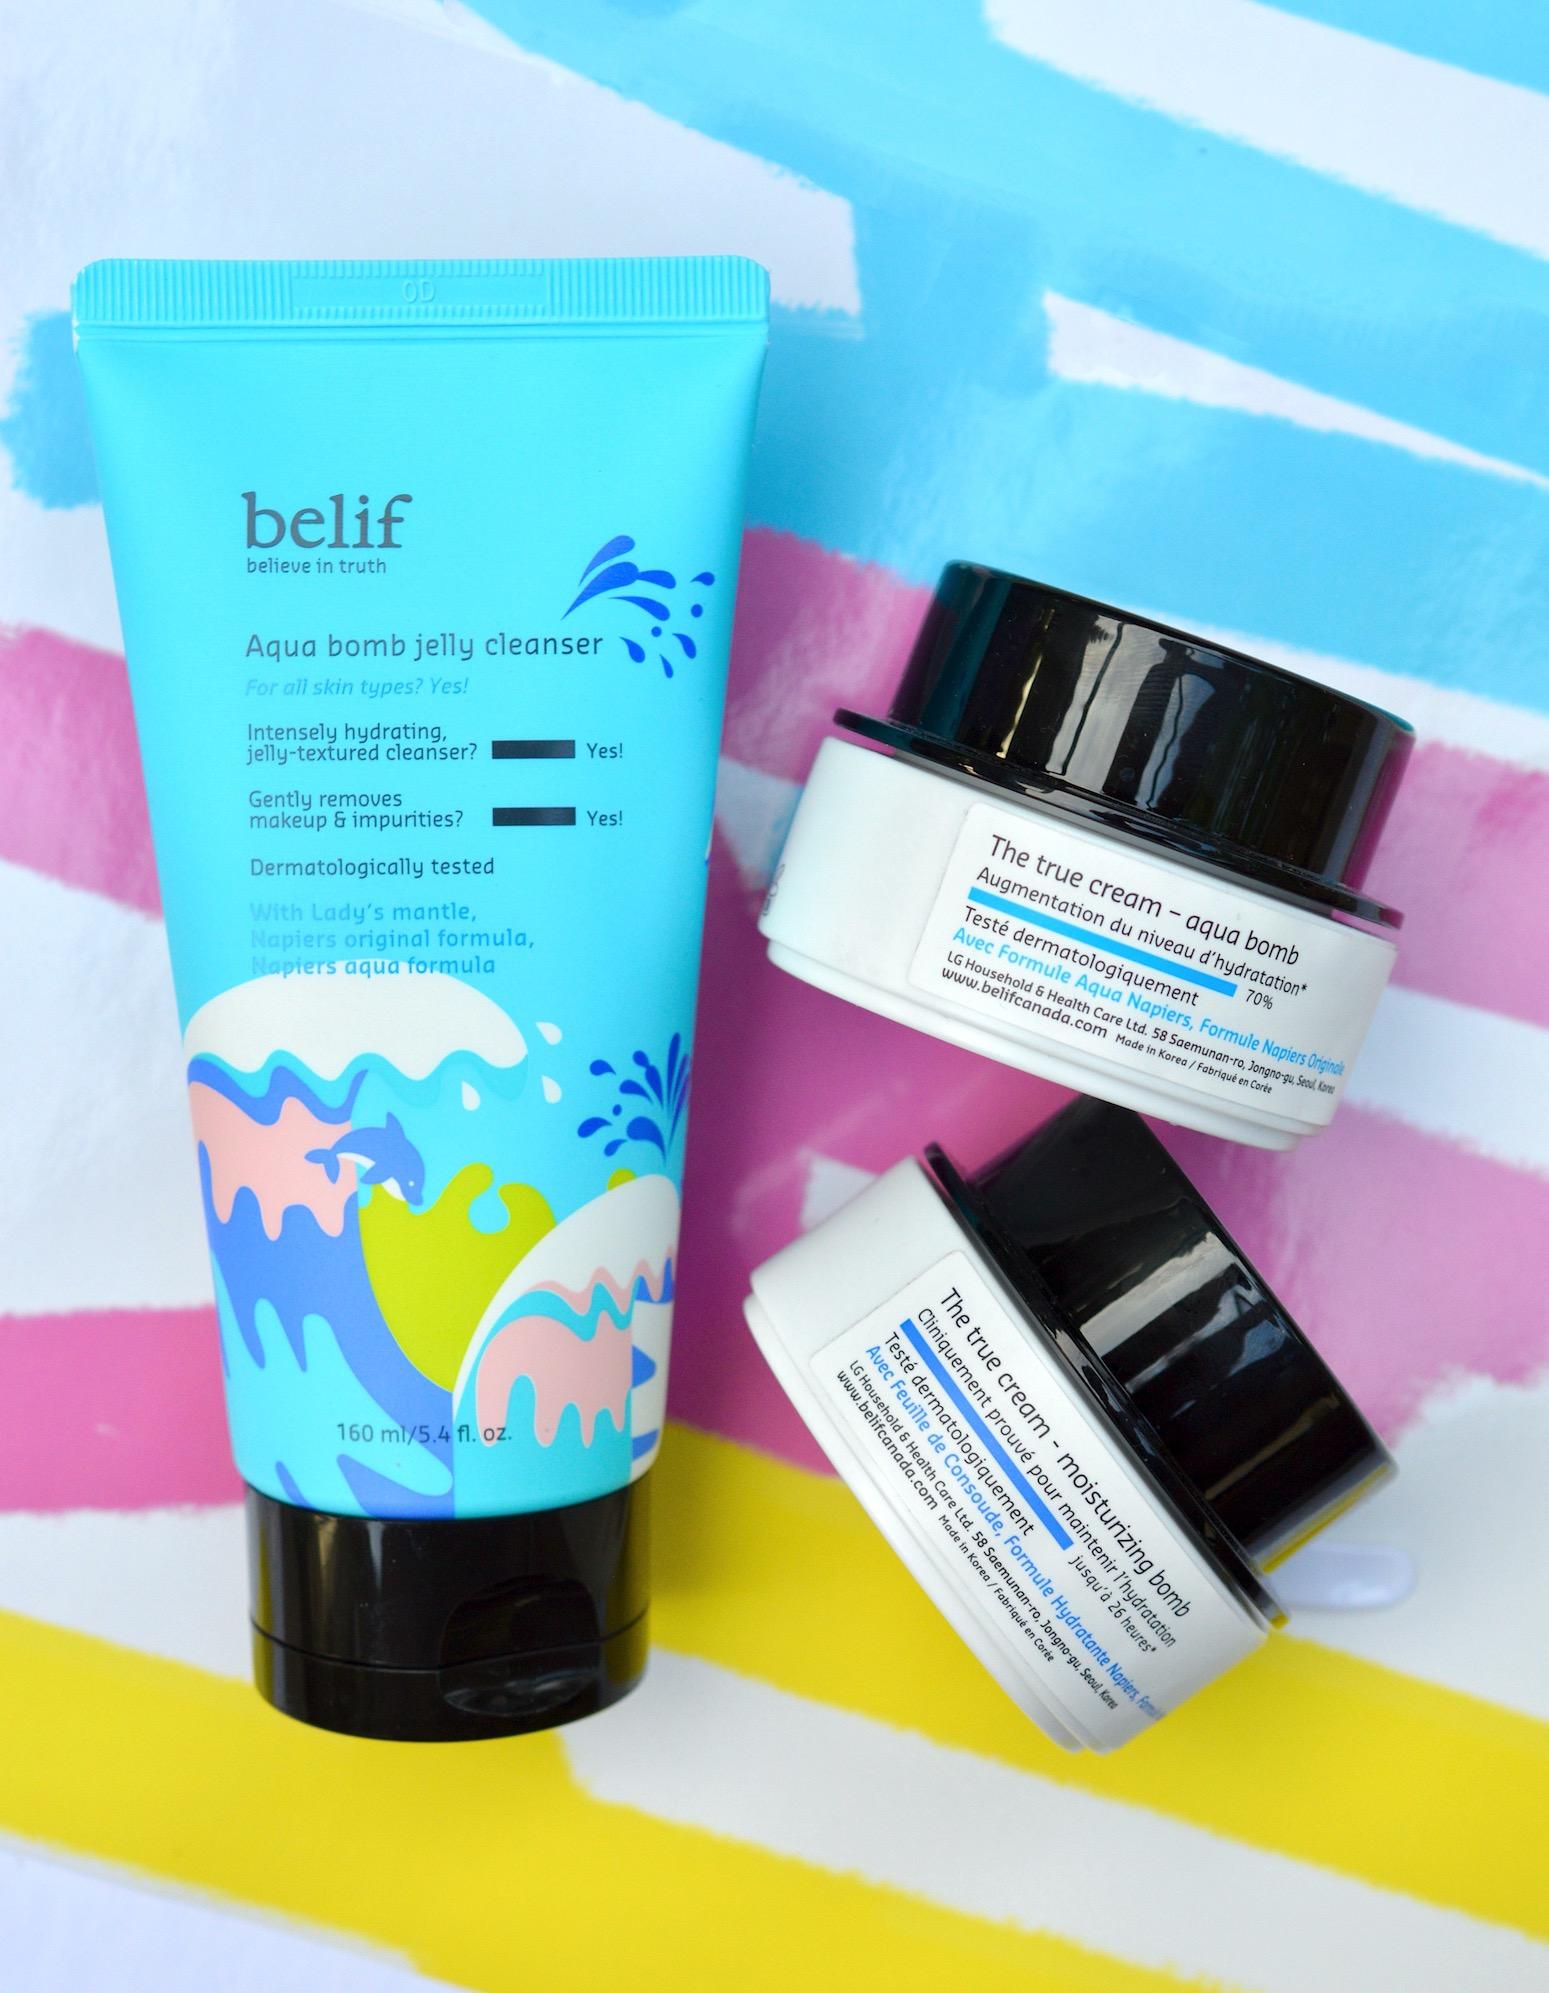 belif skincare review